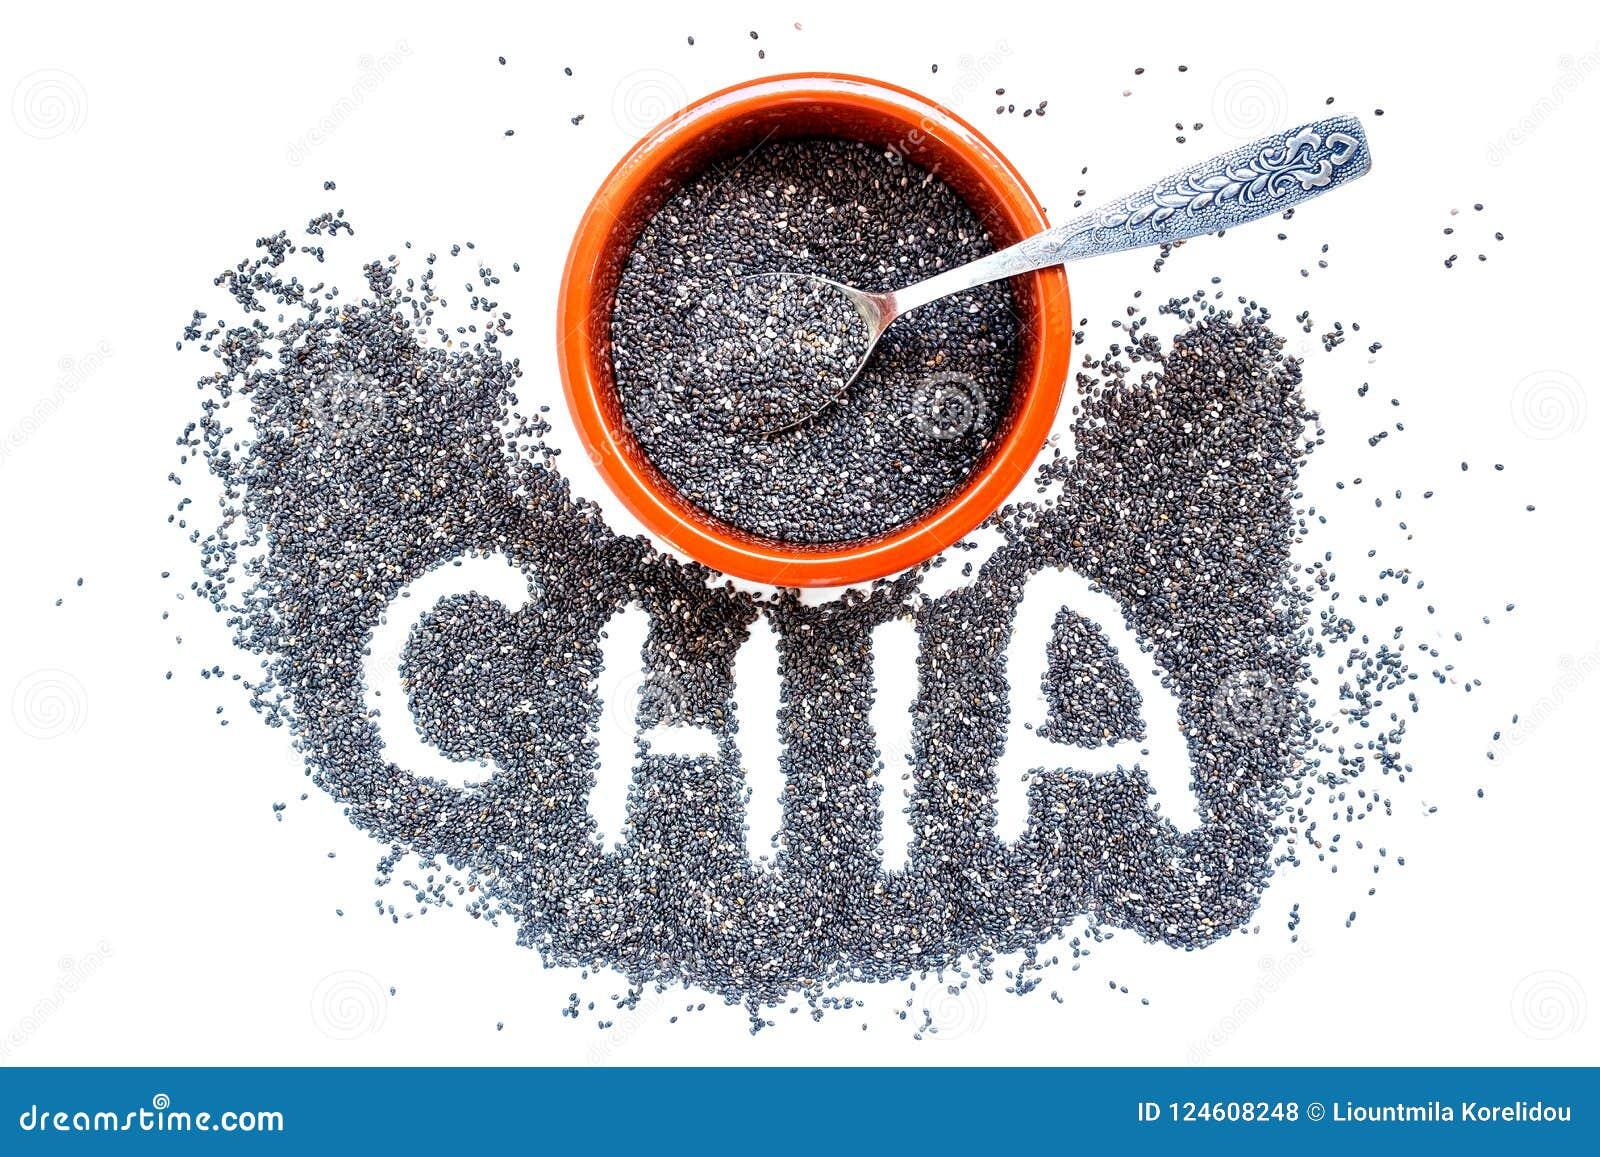 Σπόροι Chia σε ένα κεραμικό κύπελλο και ένα μικρό ασημένιο κουτάλι